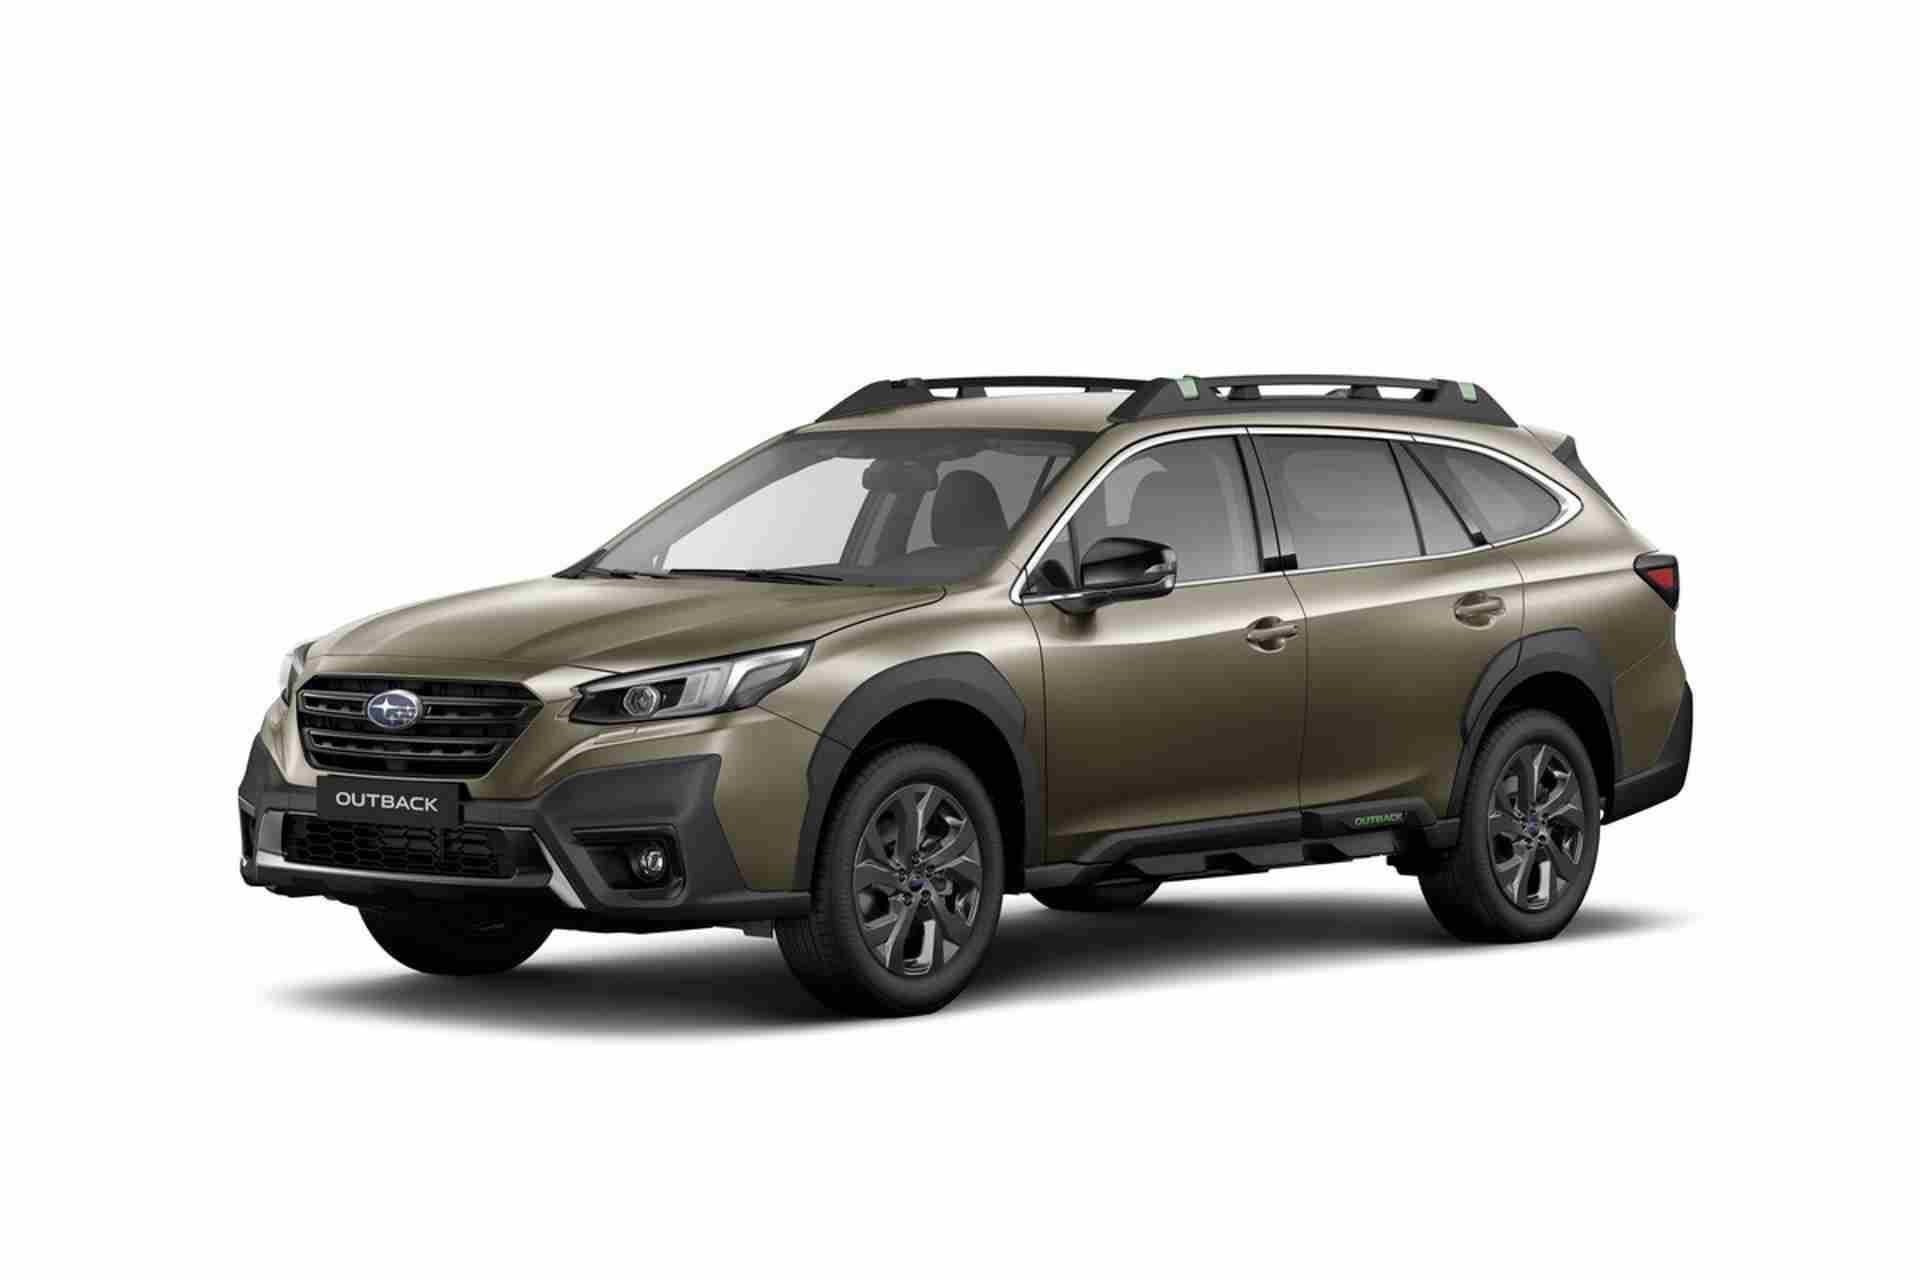 Subaru_Outback-greek_0010